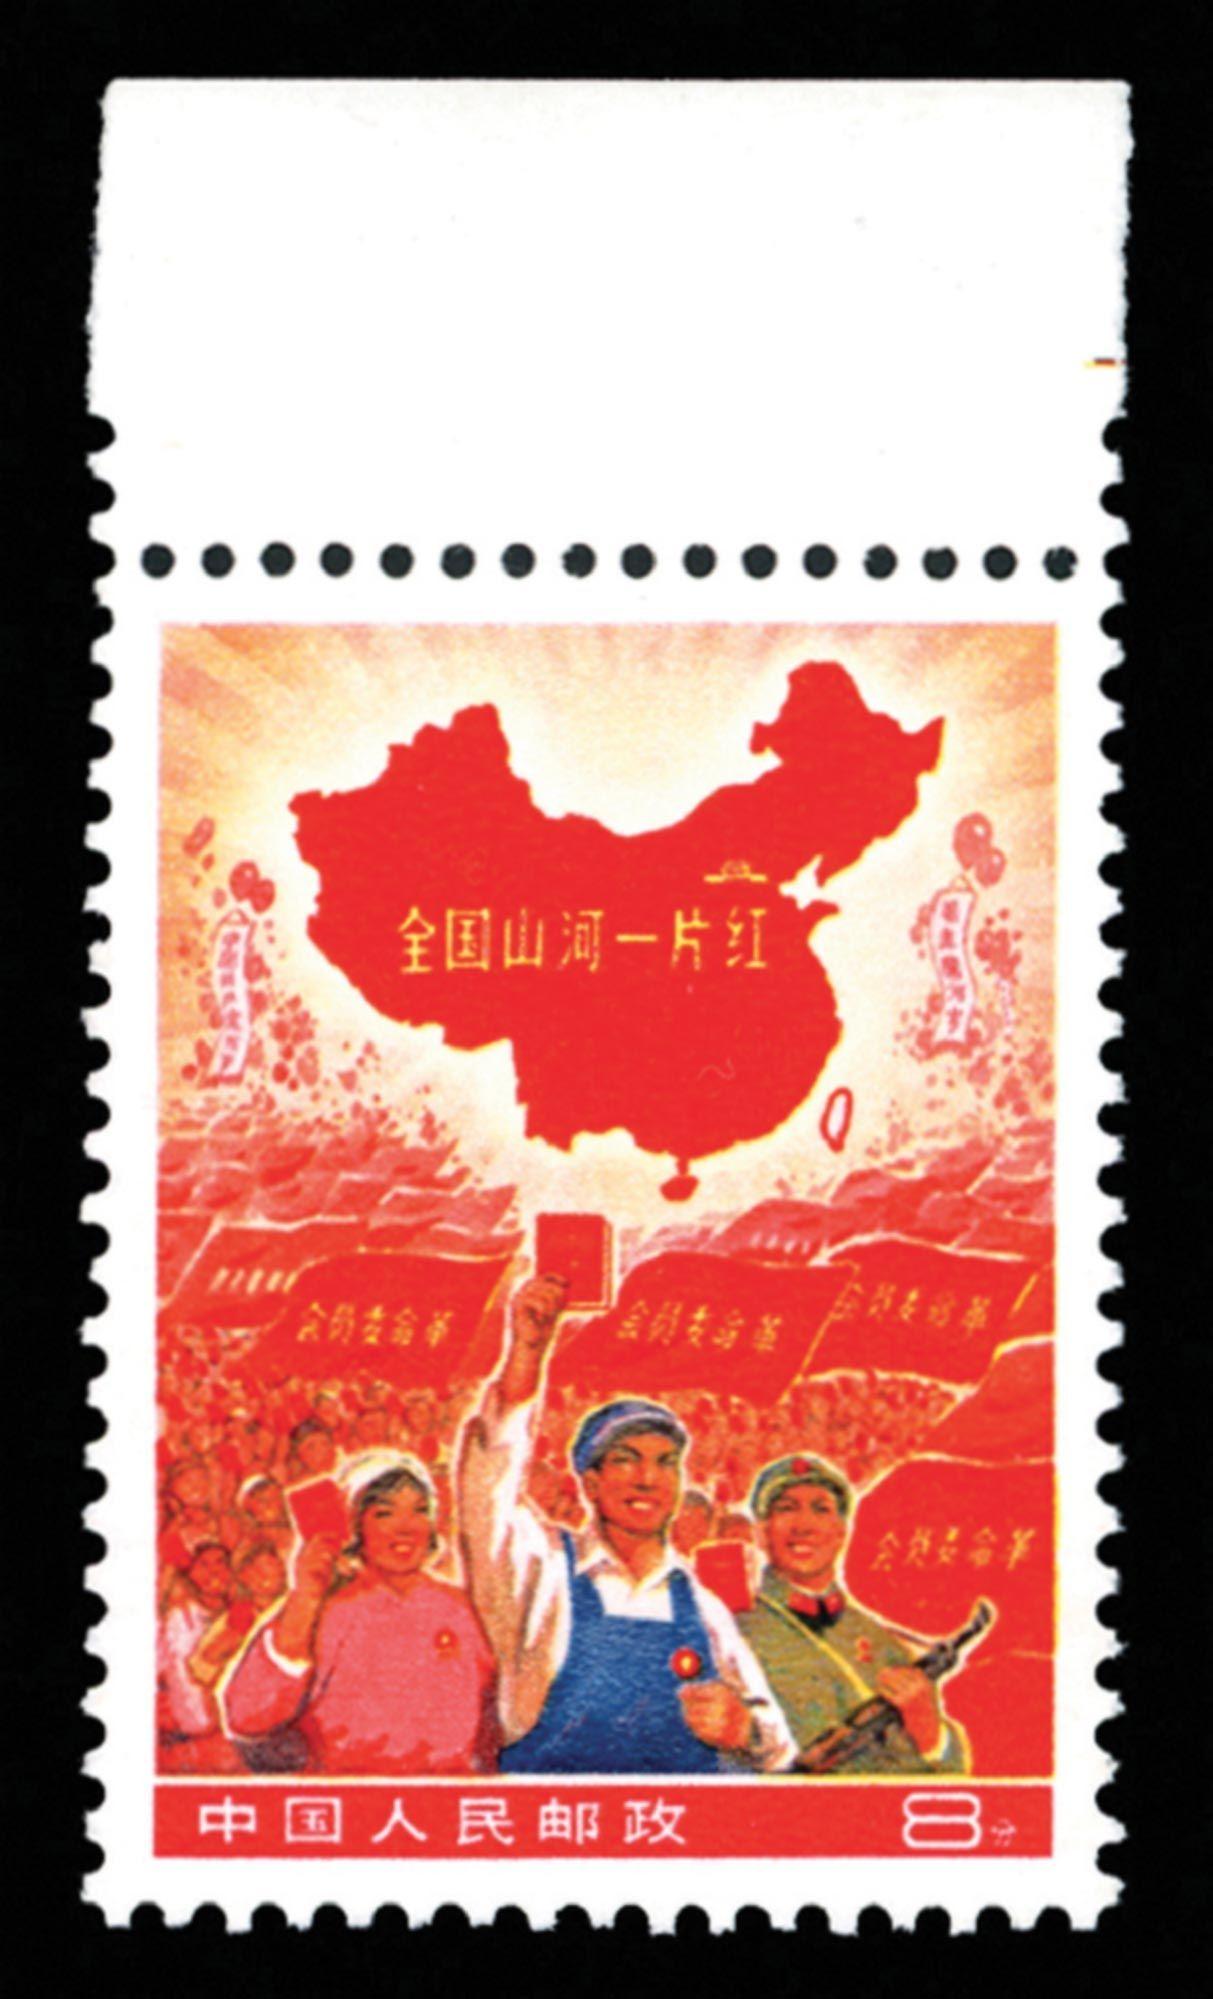 Figura 2: francobollo emesso dalla Cina nel 1968 e immediatamente ritirato.